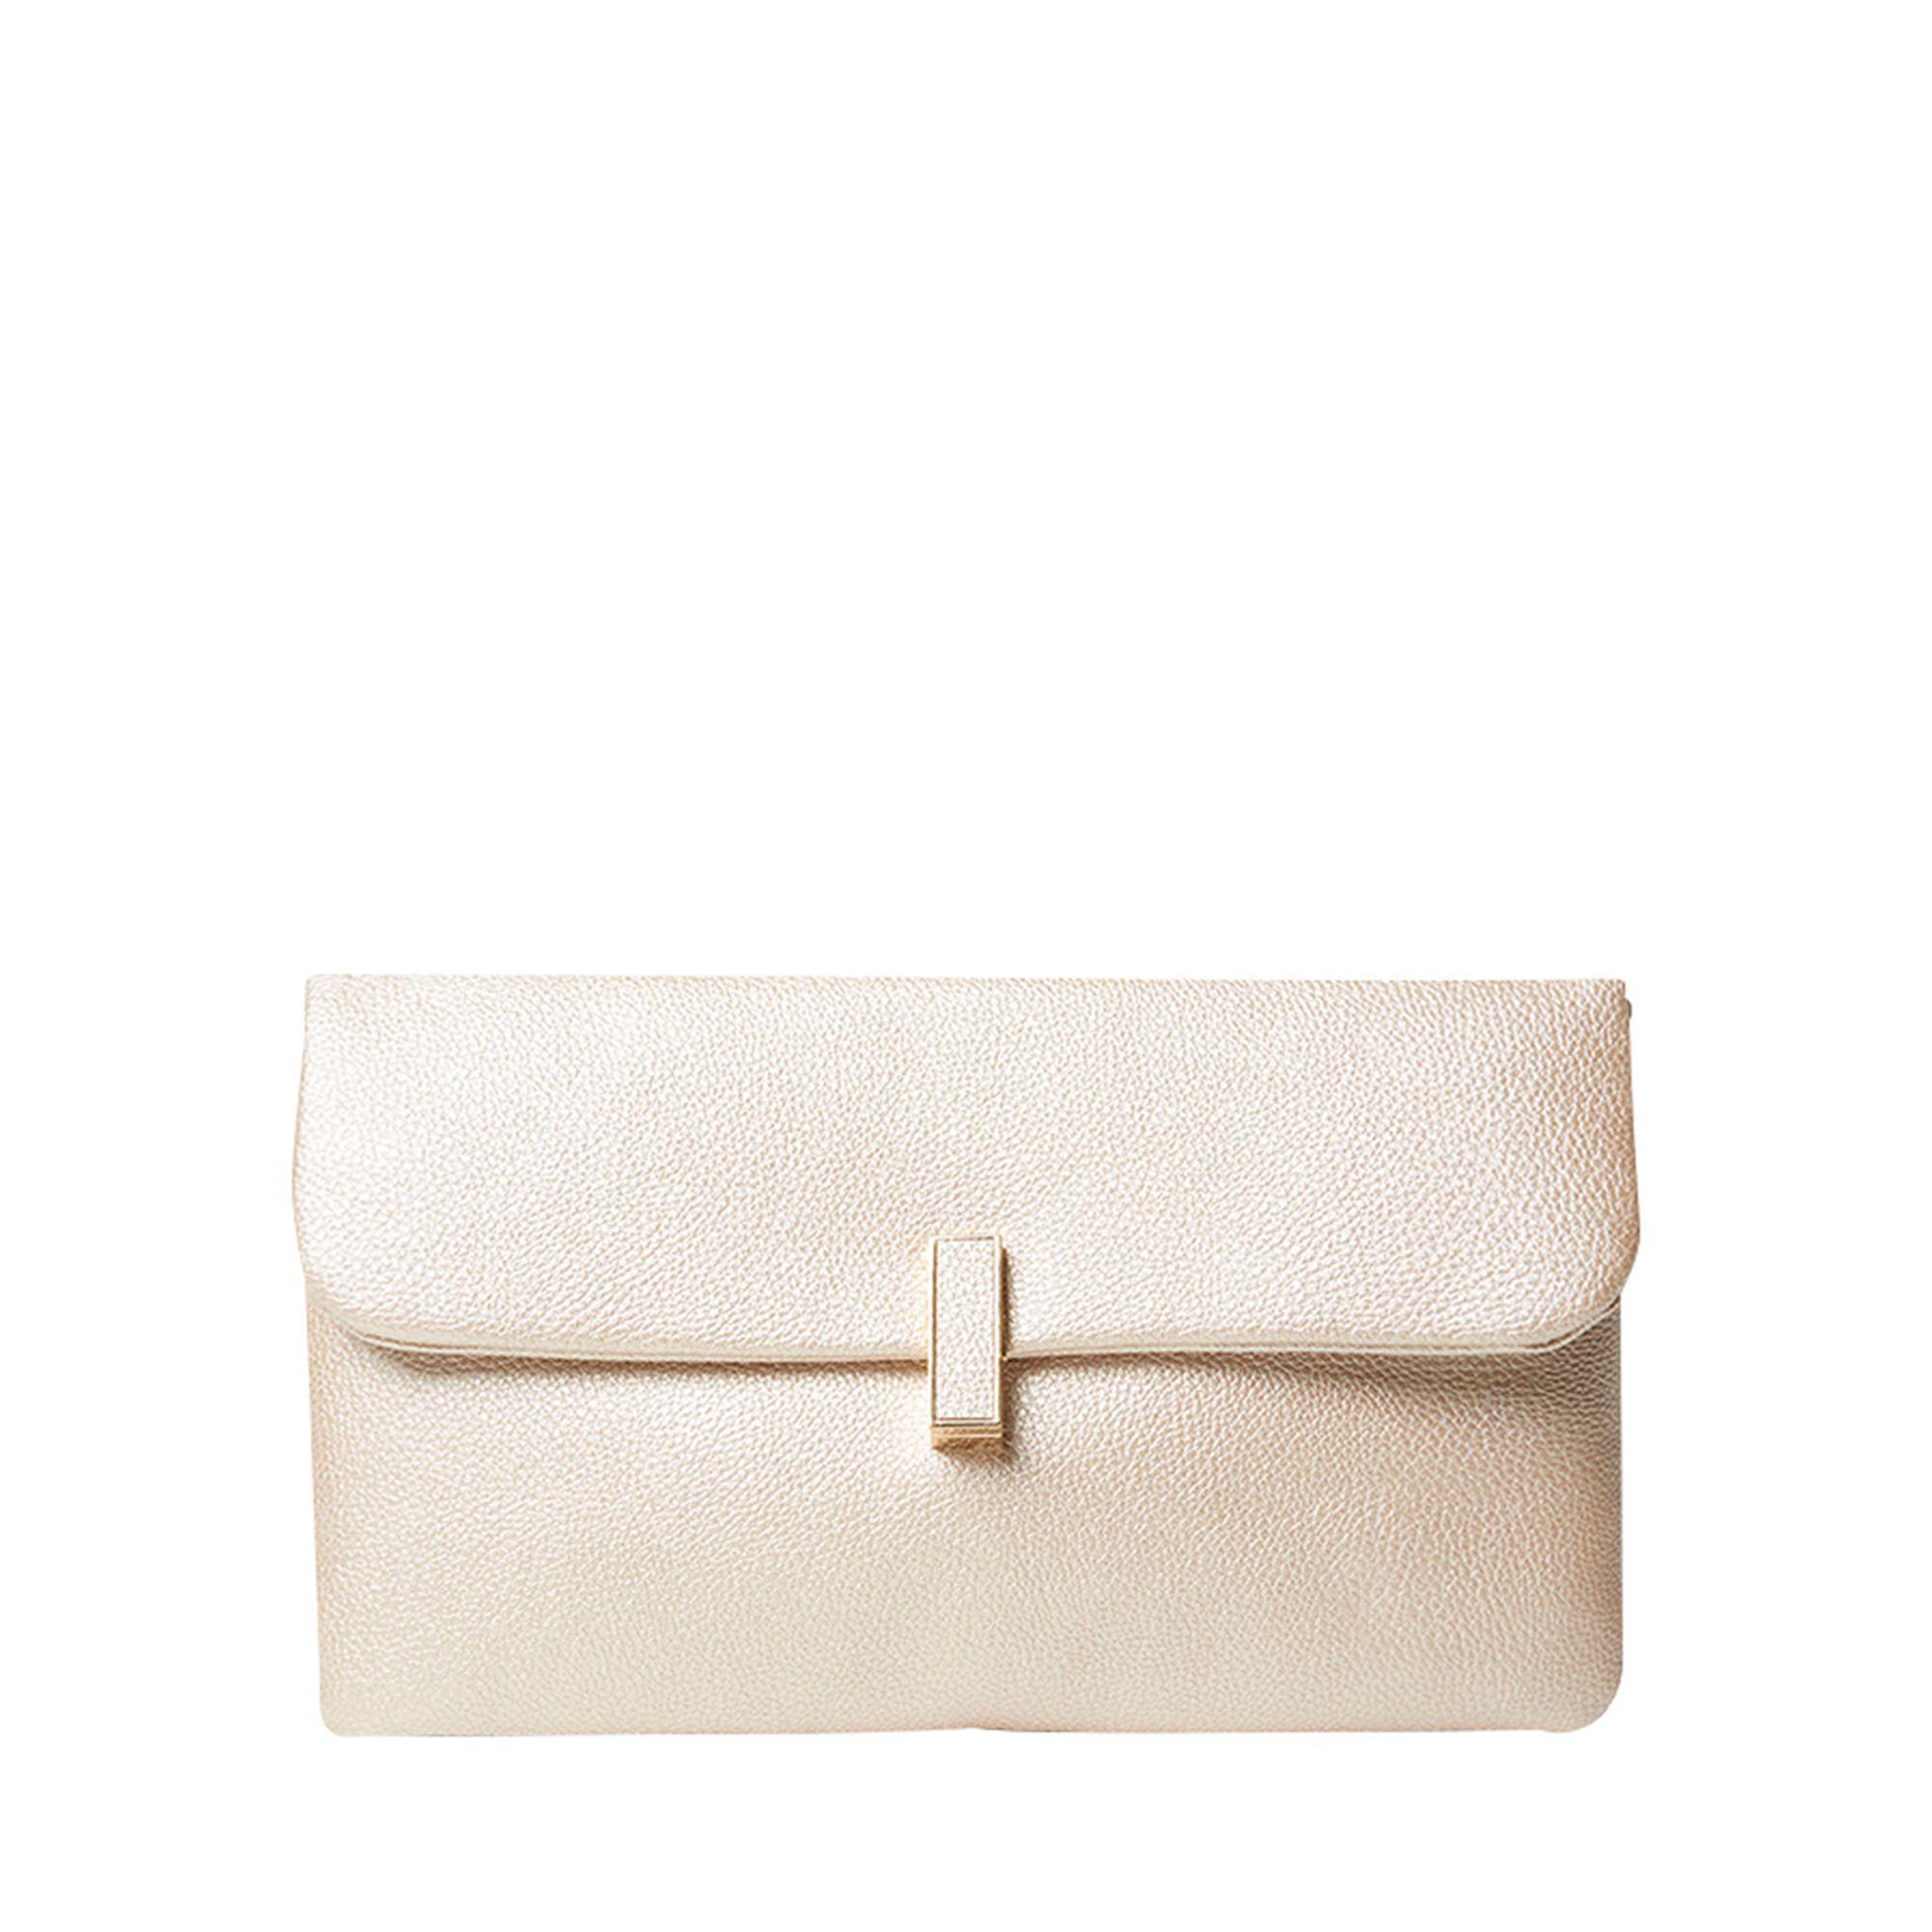 dd2a275dd26 Dorothy Perkins Rose Gold Twistlock Clutch Bag in Metallic - Lyst